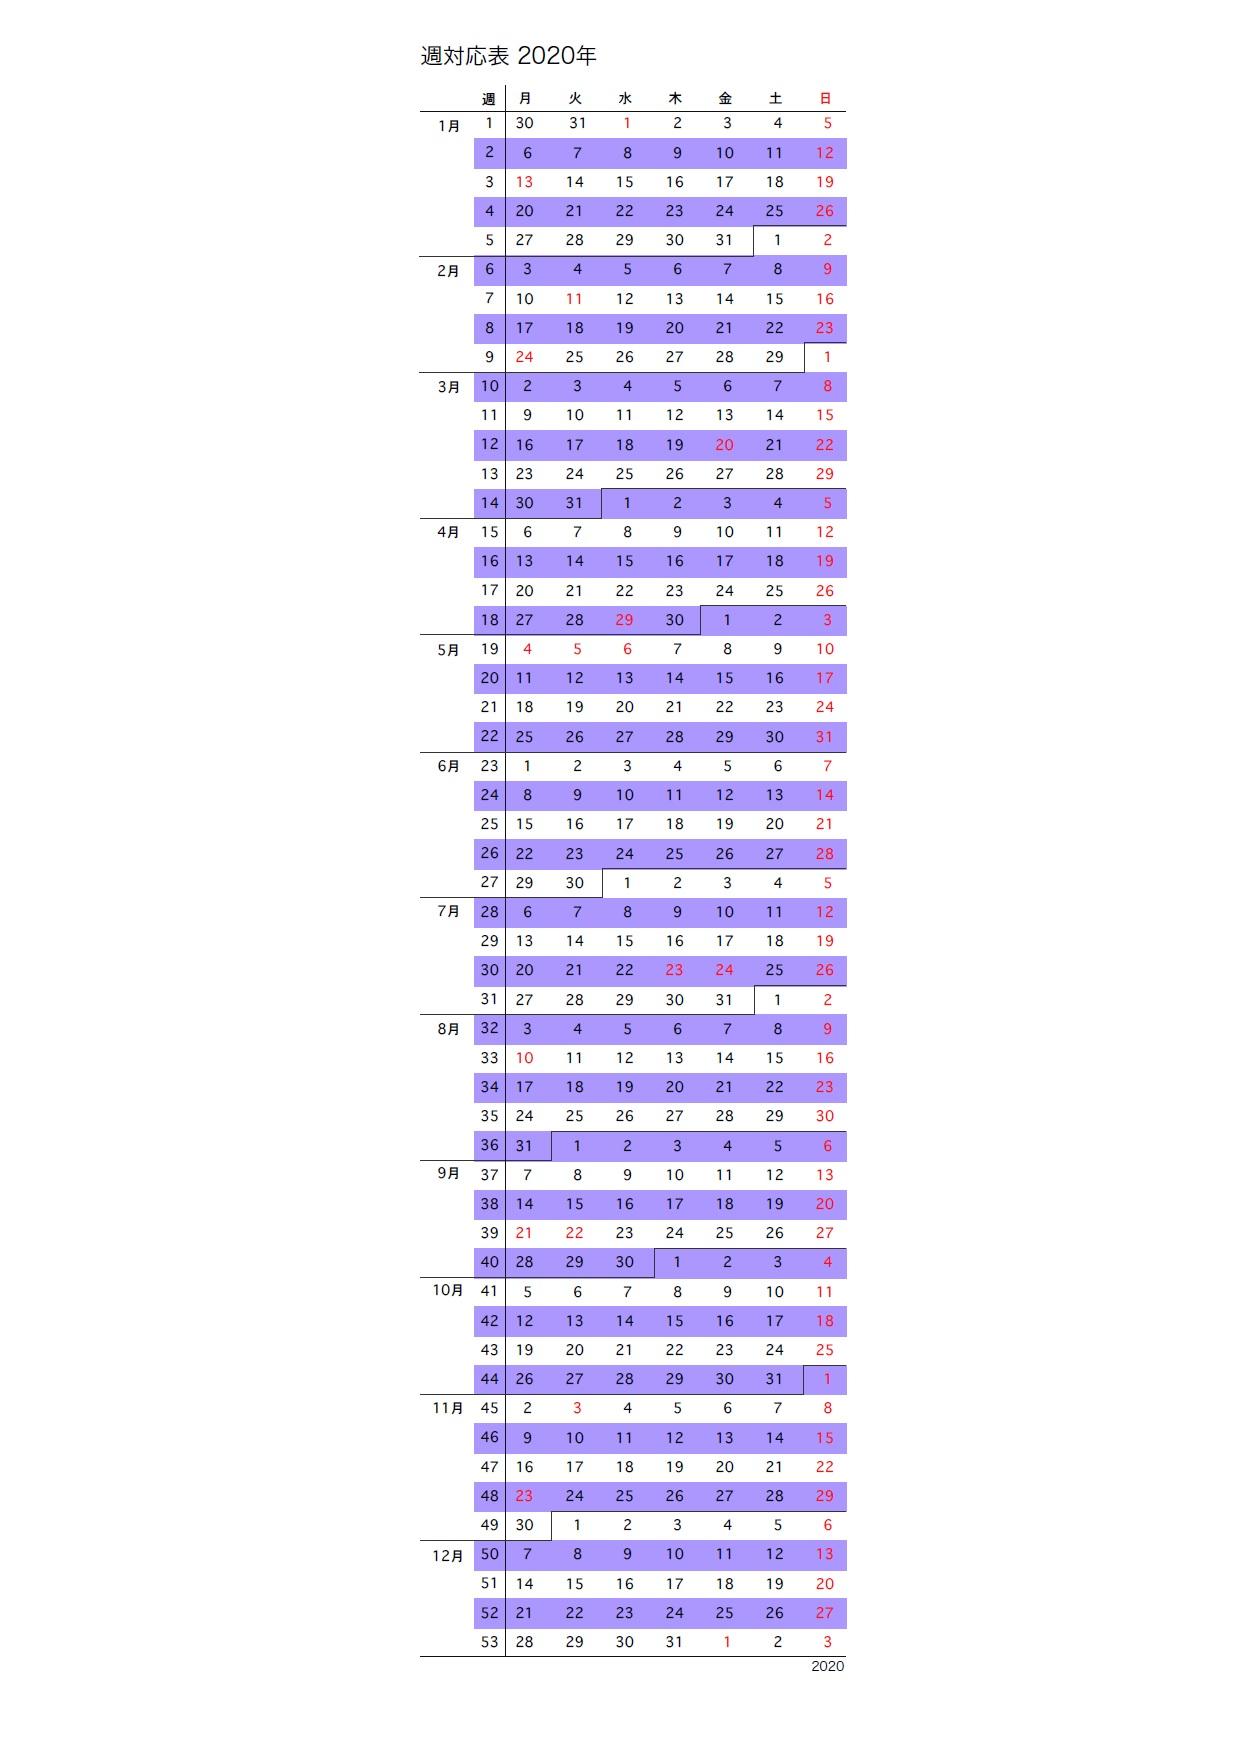 2020年国立感染症研究所週対応表